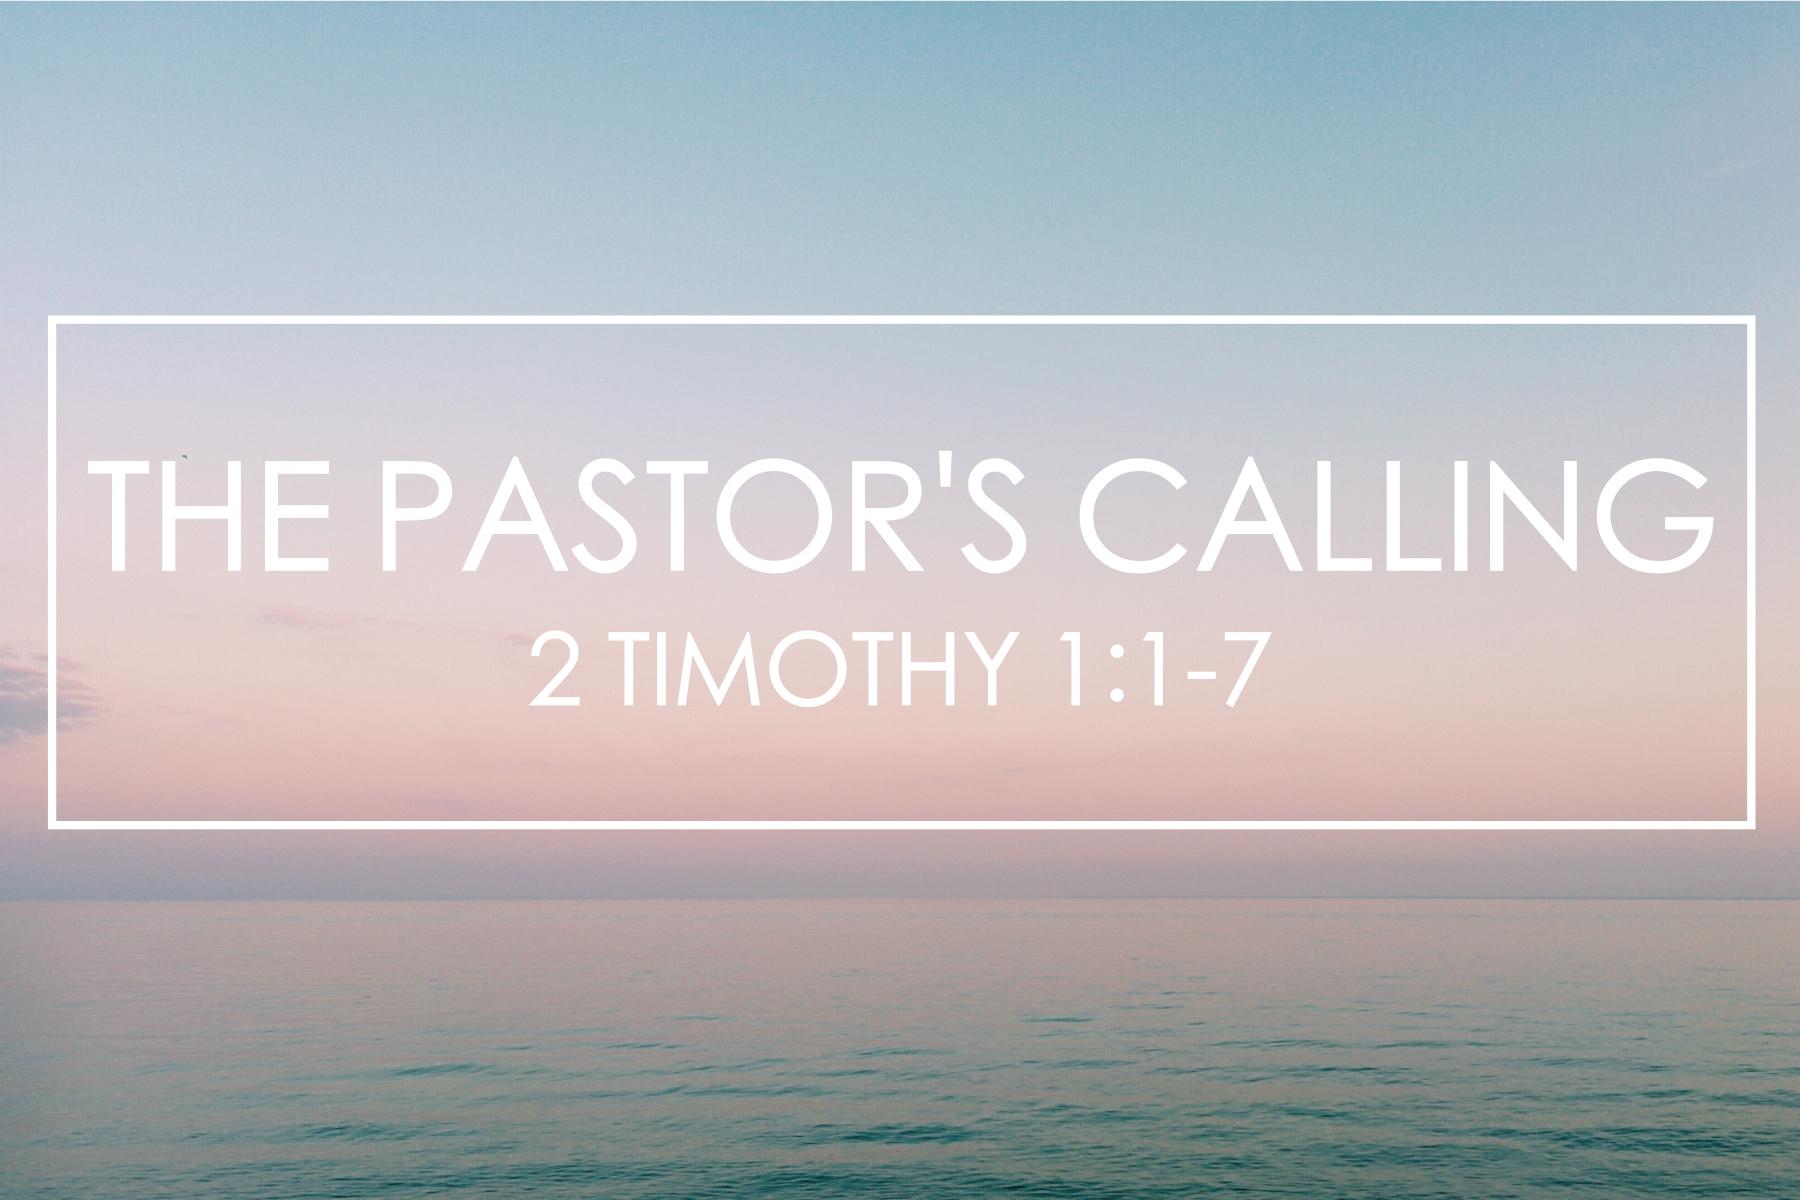 The Pastor's Calling.jpg